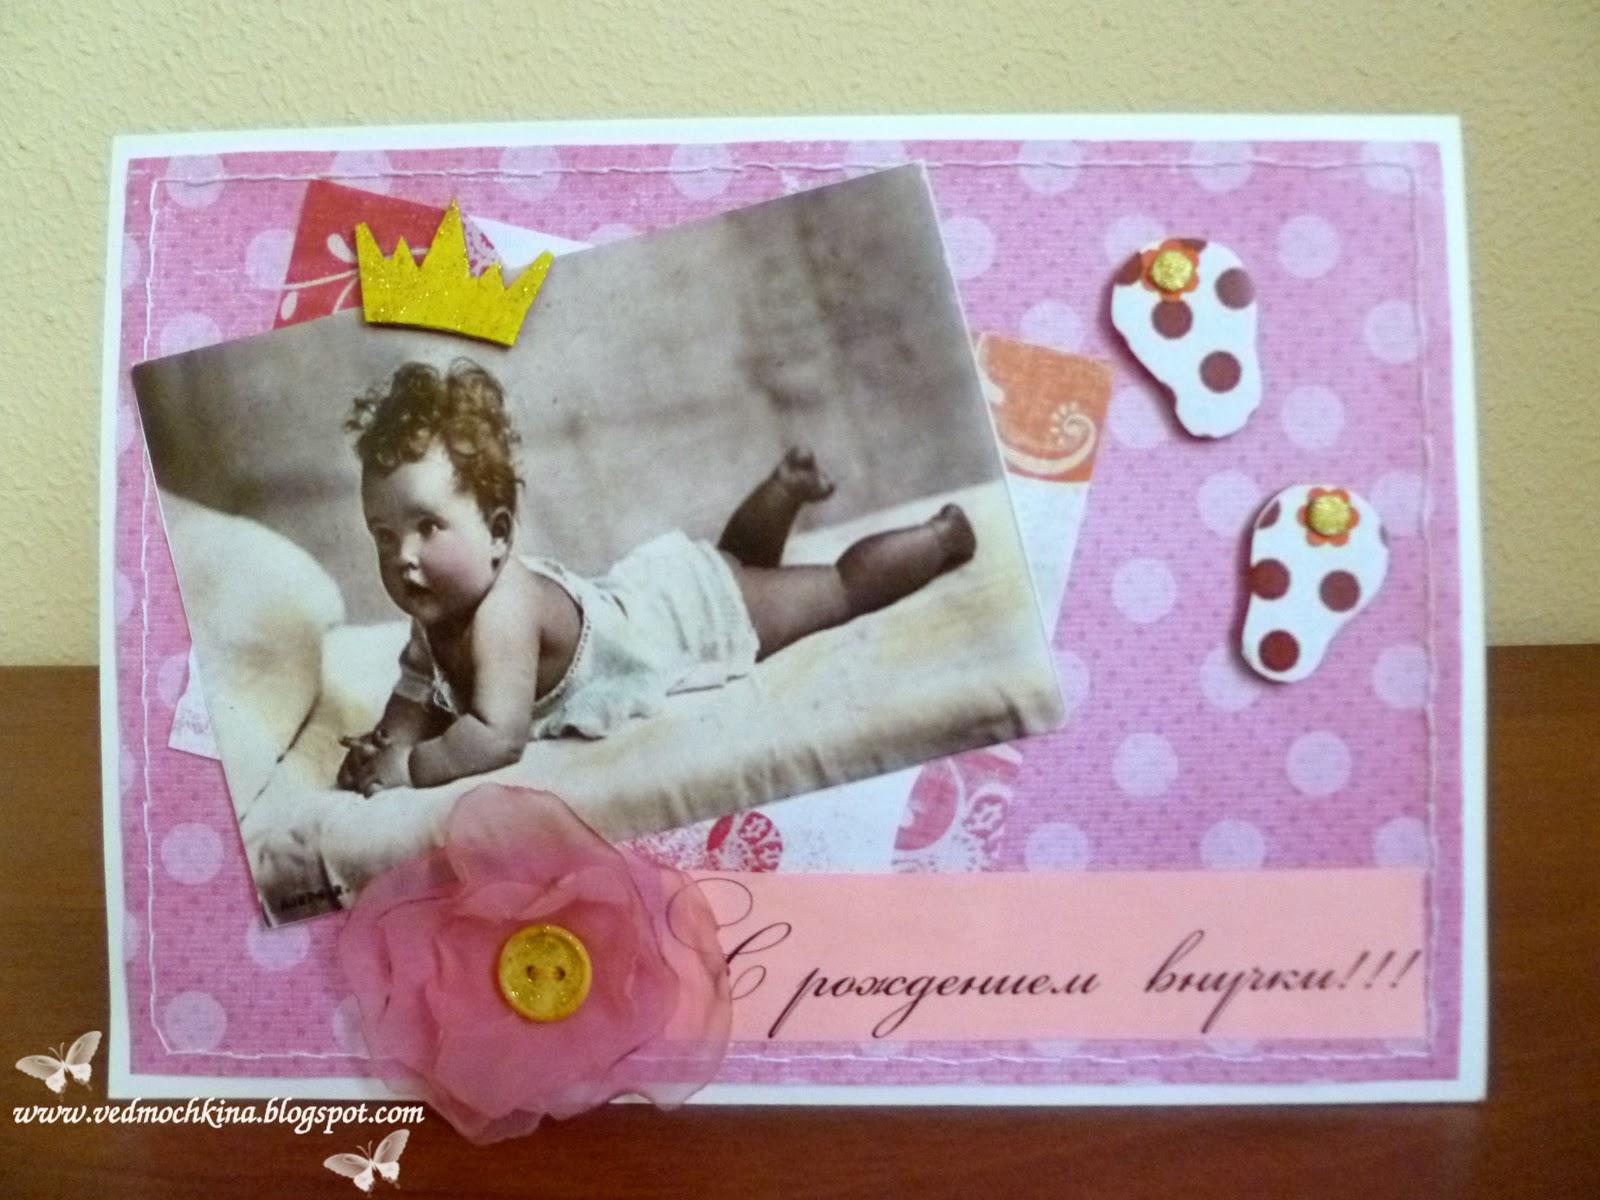 БАБУШКЕ - поздравления с днем рождения для бабушки - в 93